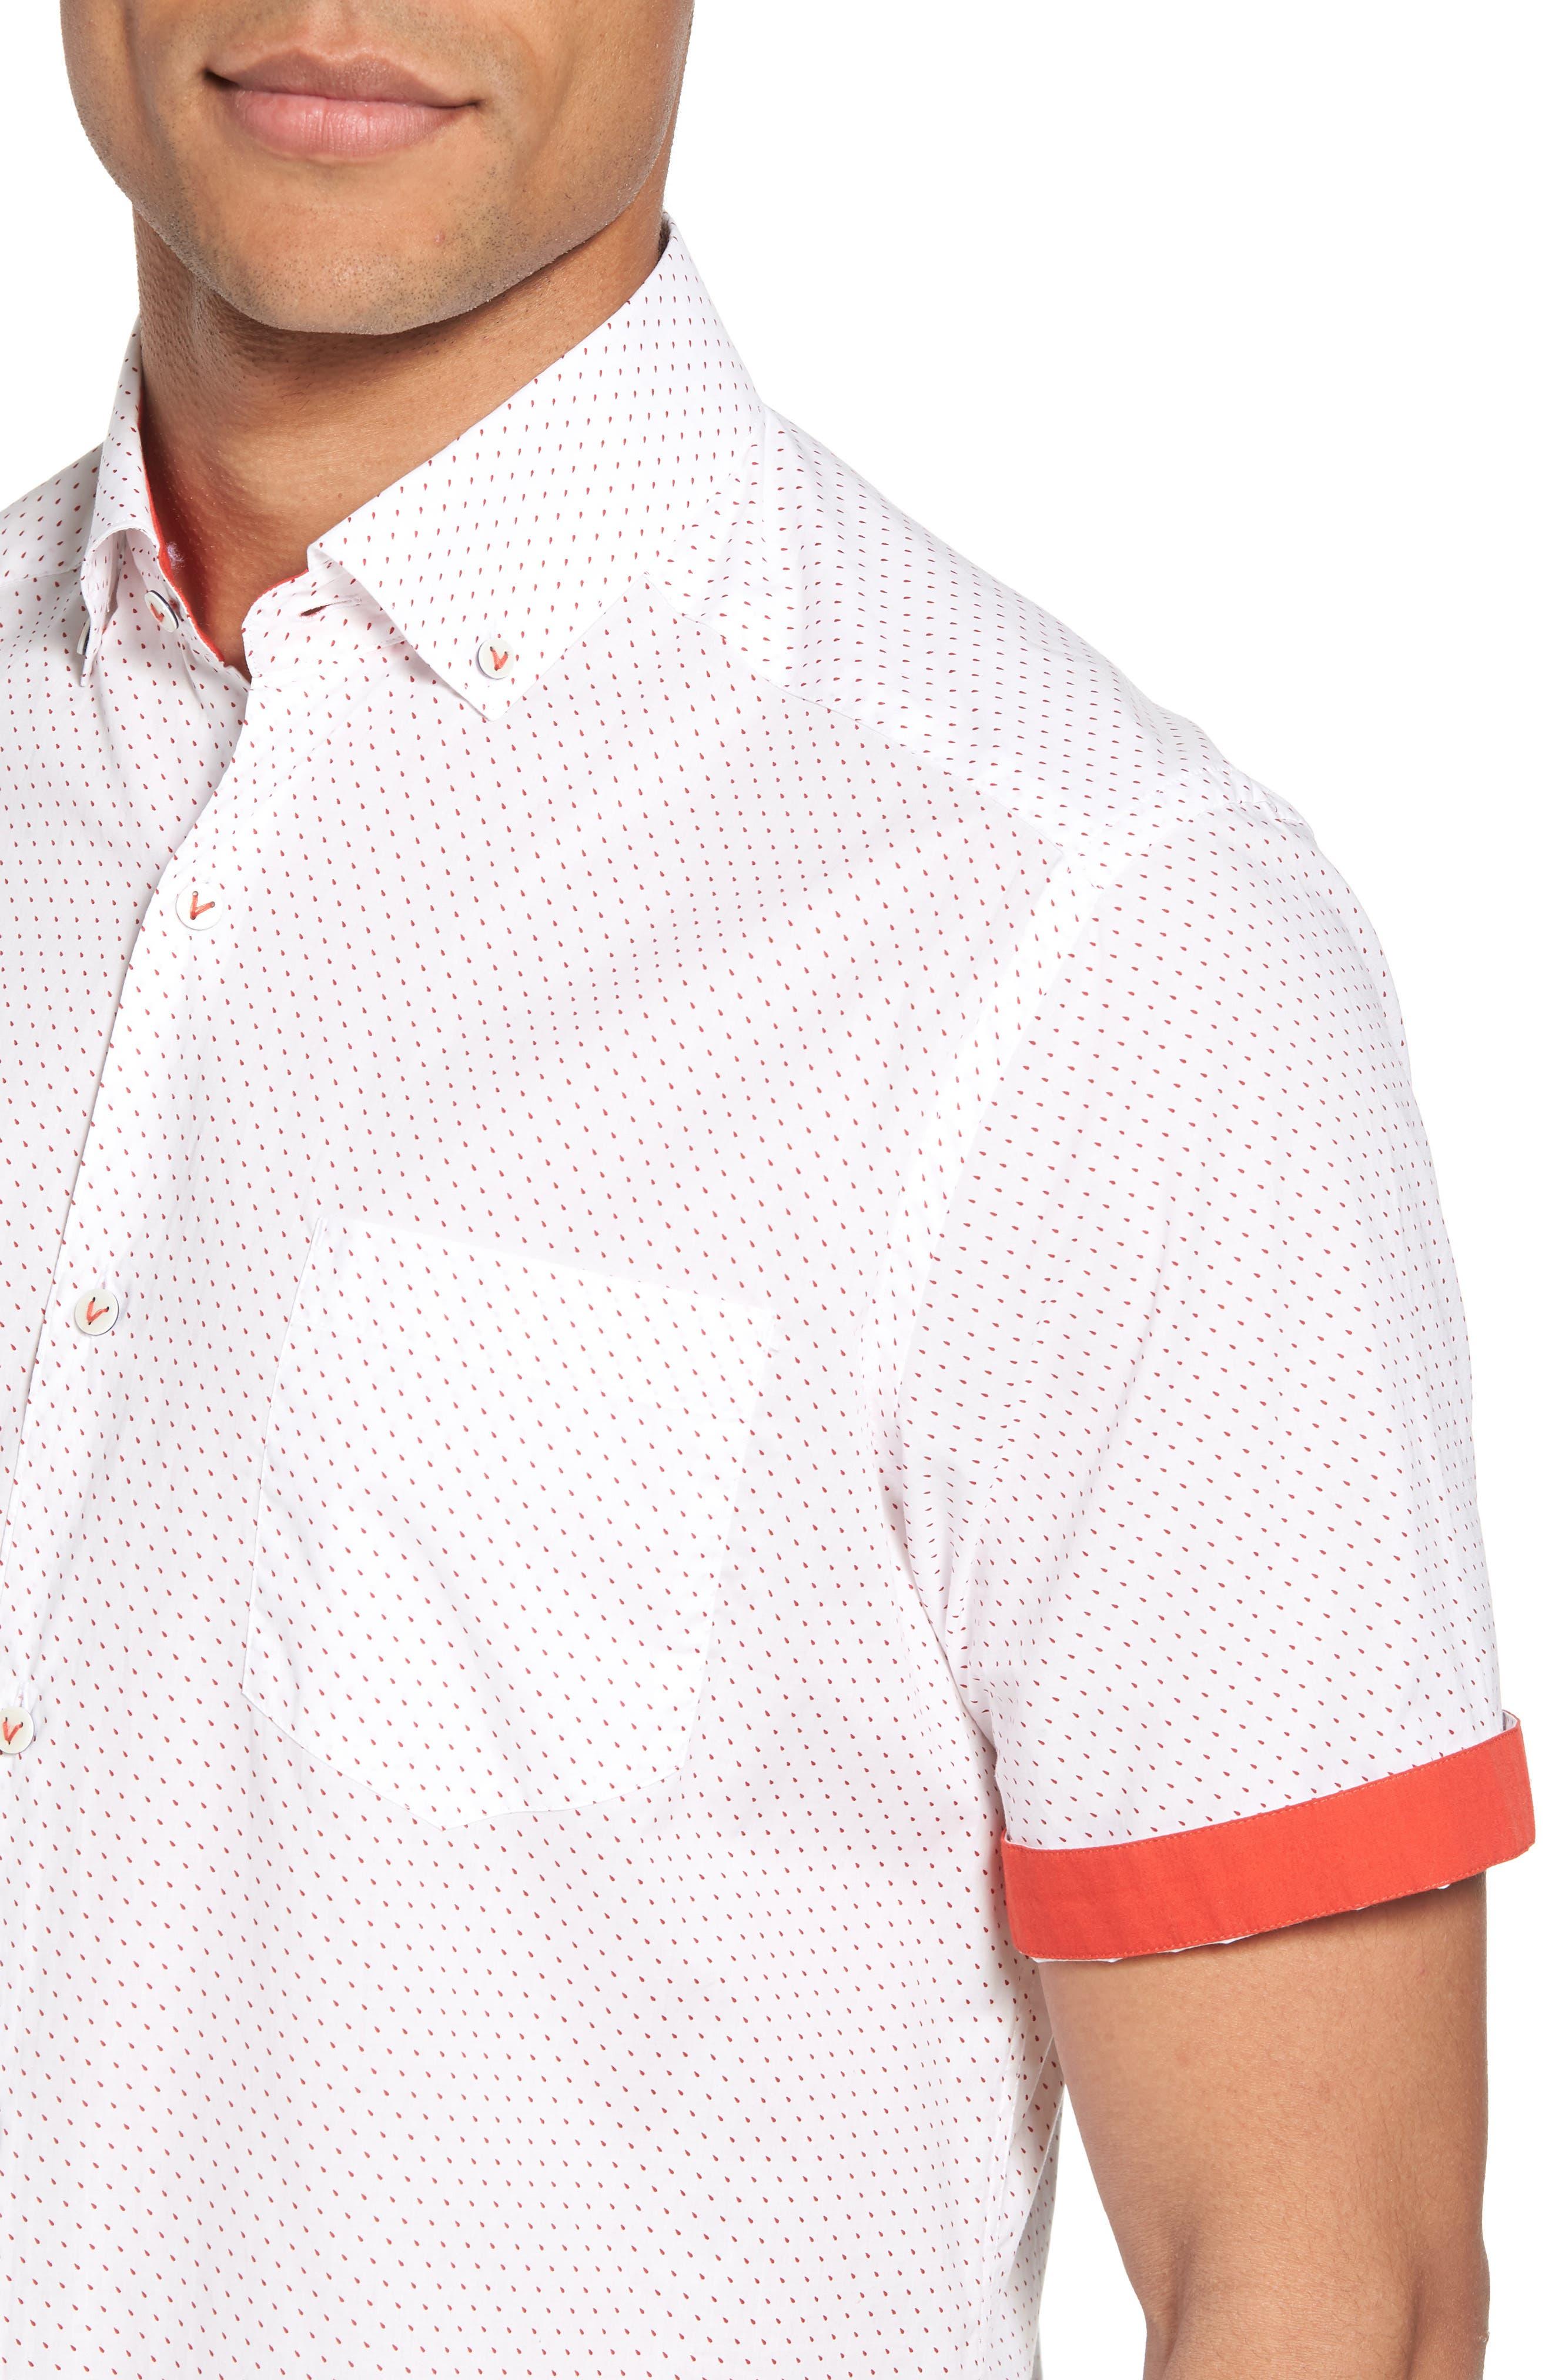 Dot Print Shirt,                             Alternate thumbnail 4, color,